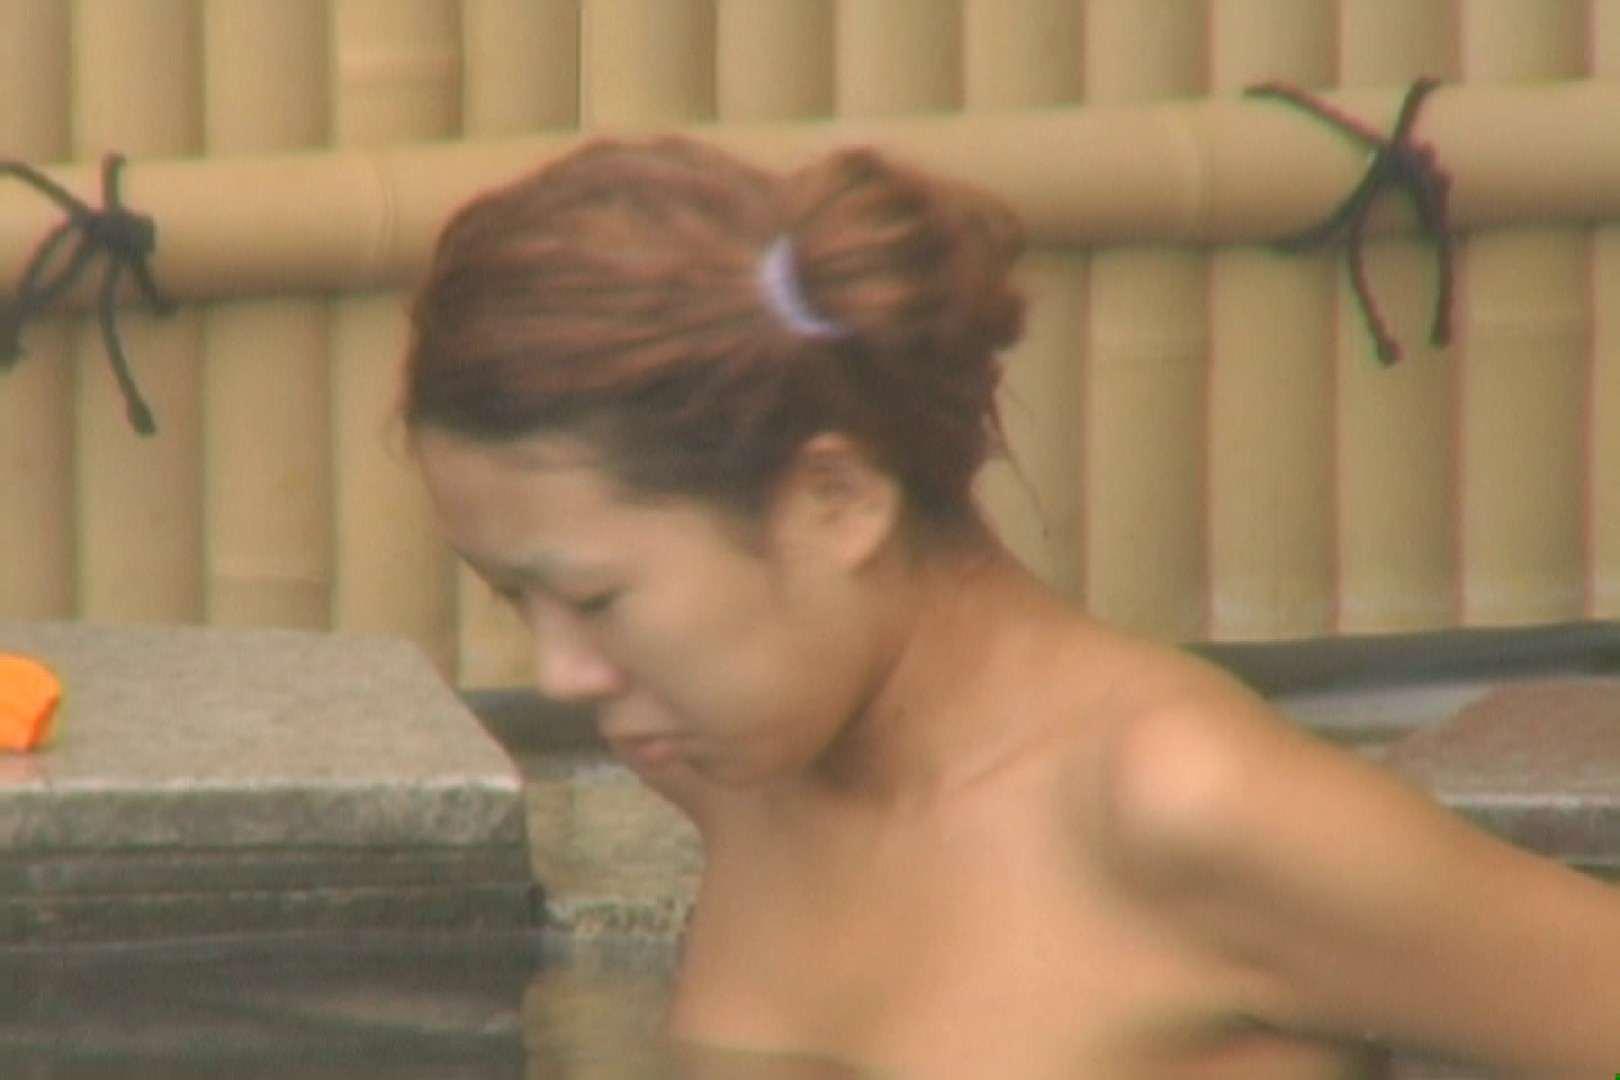 Aquaな露天風呂Vol.581 美しいOLの裸体  70pic 45